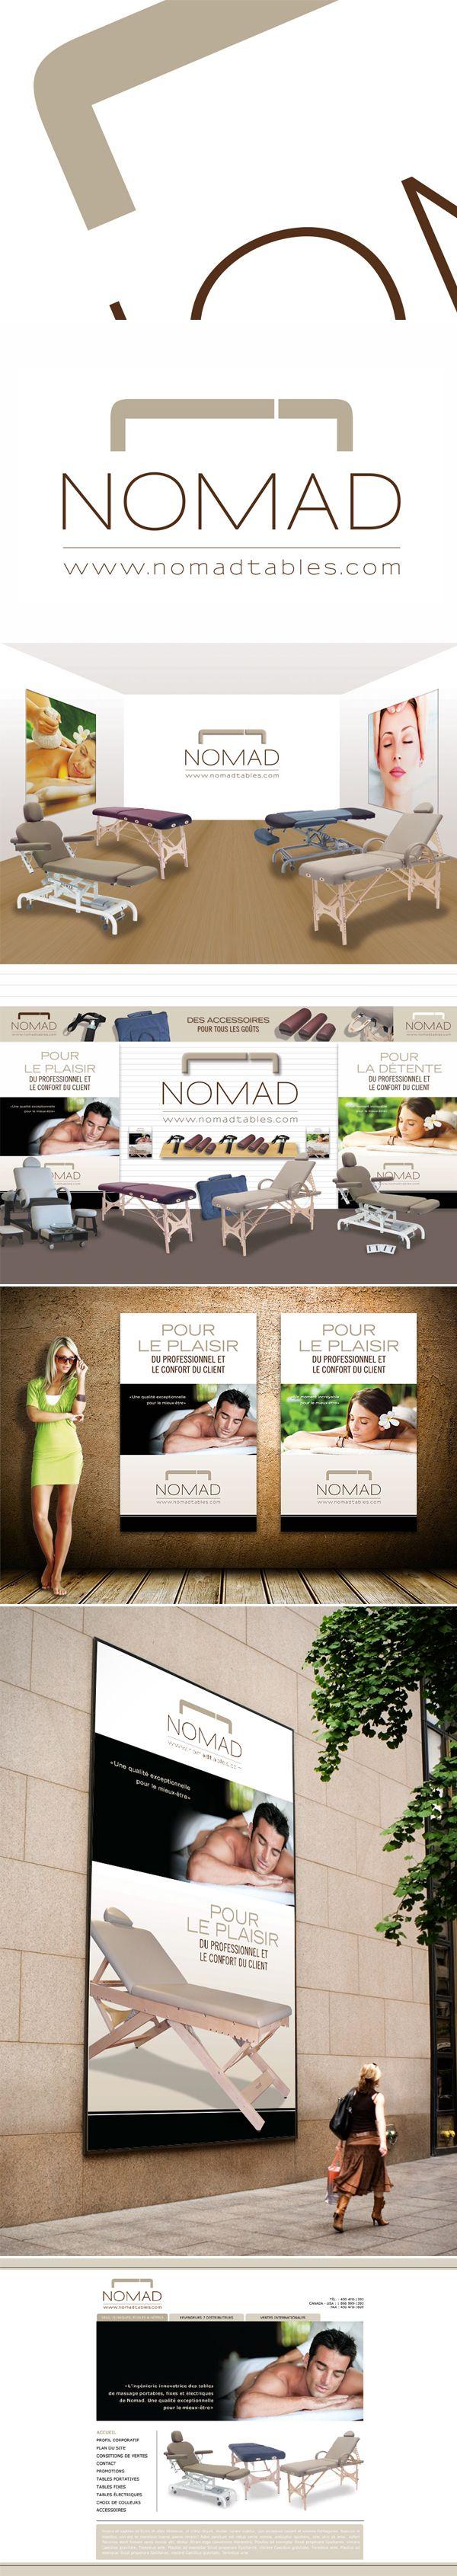 Tables Nomad  Un beau projet pour gosselin.com, créé un logo pour des tables de massage et de soins. Épuré, doux, un logo simple, mais qui dit tout. Des couleurs de cuir comme celles utilisées pour les tables.  Une suggestion de salle d'exposition pour le magasin à Laplaine et une autre suggestion pour celui de Laval, Allez Housses. Des affiches et une grande bannière.  Nous avons aussi proposé un concept pour le site Web (6e image) qui n'a pas été utilisé.